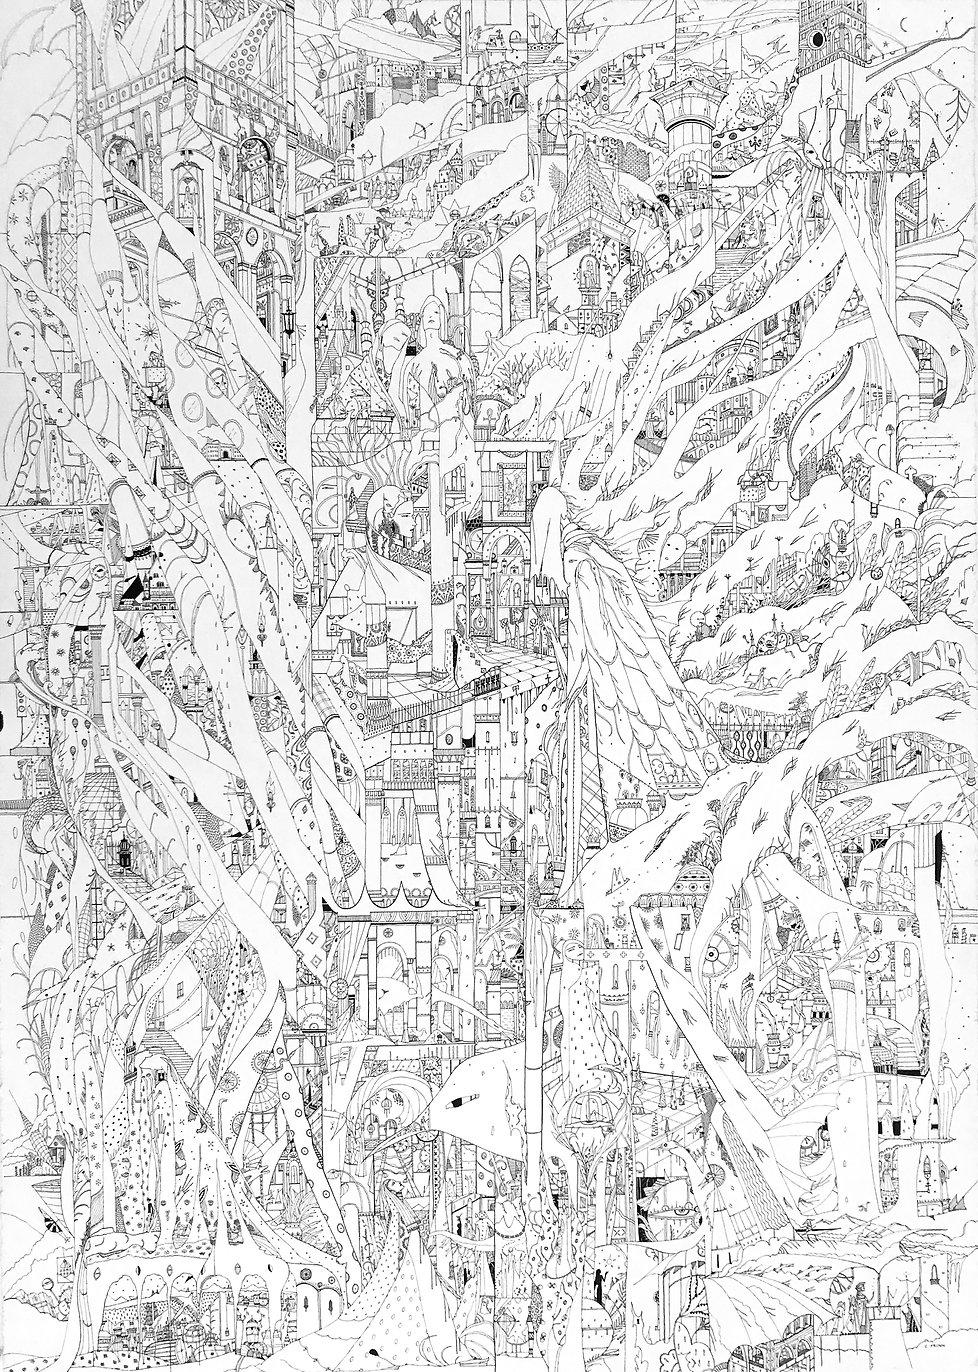 Carolin Prinn, art, illustration, pen and ink art